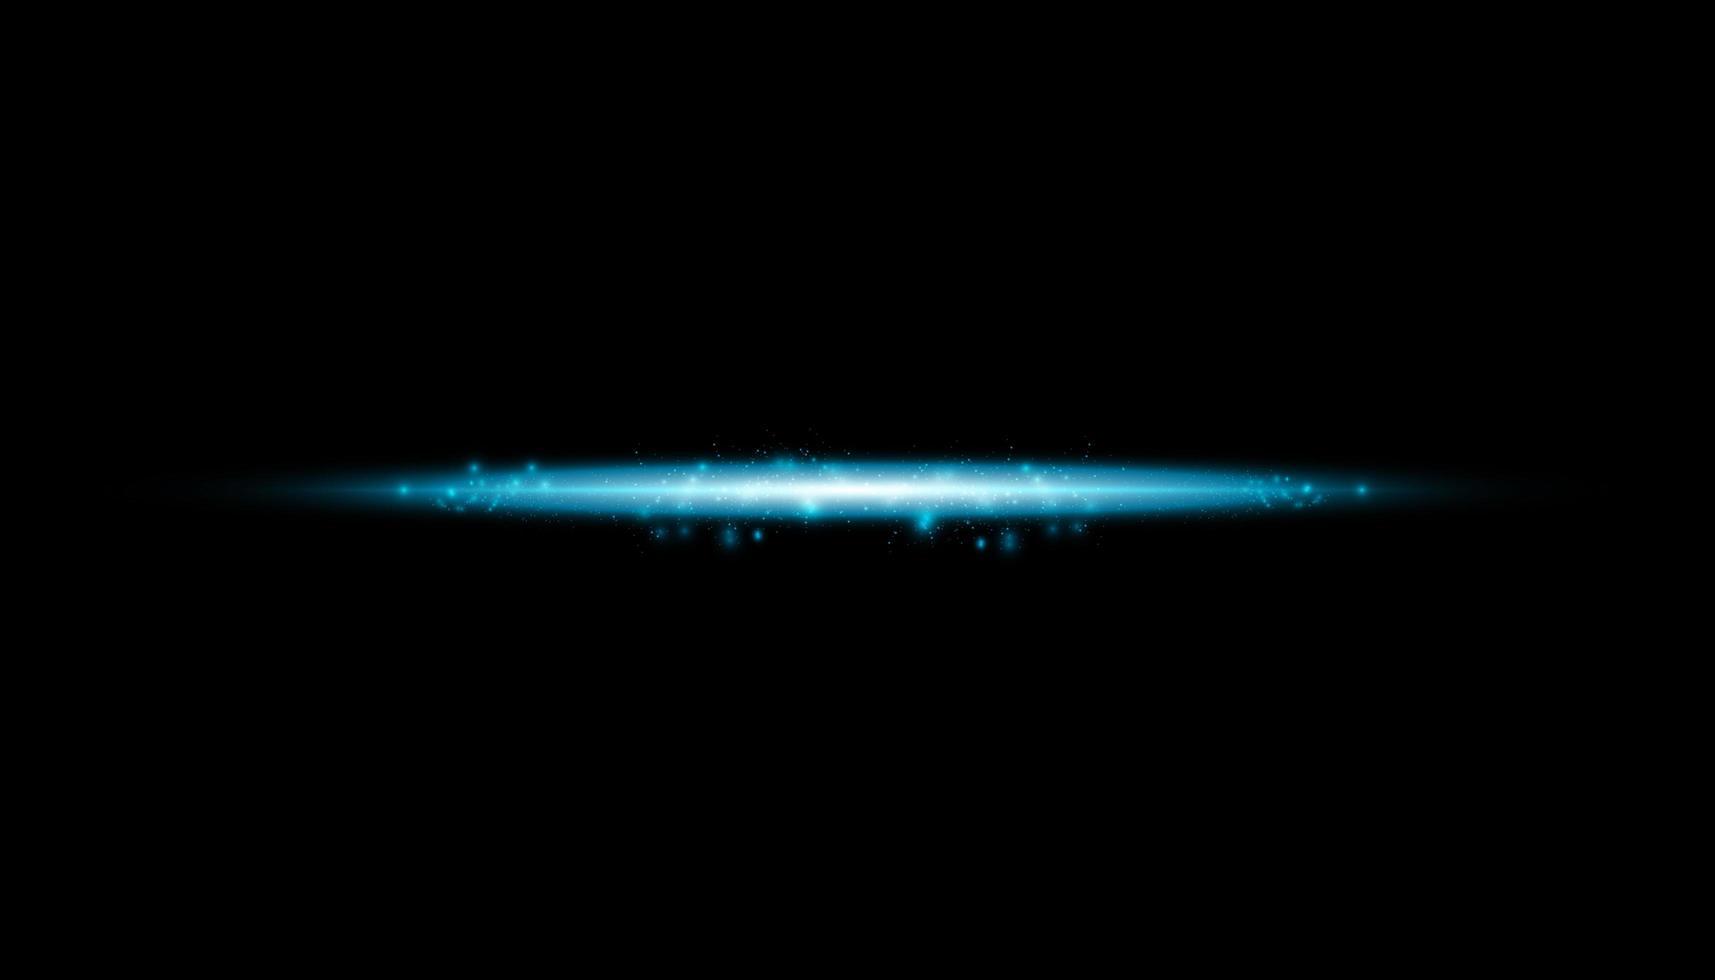 Effet transparent bleu isolé lueur, lens flare vecteur